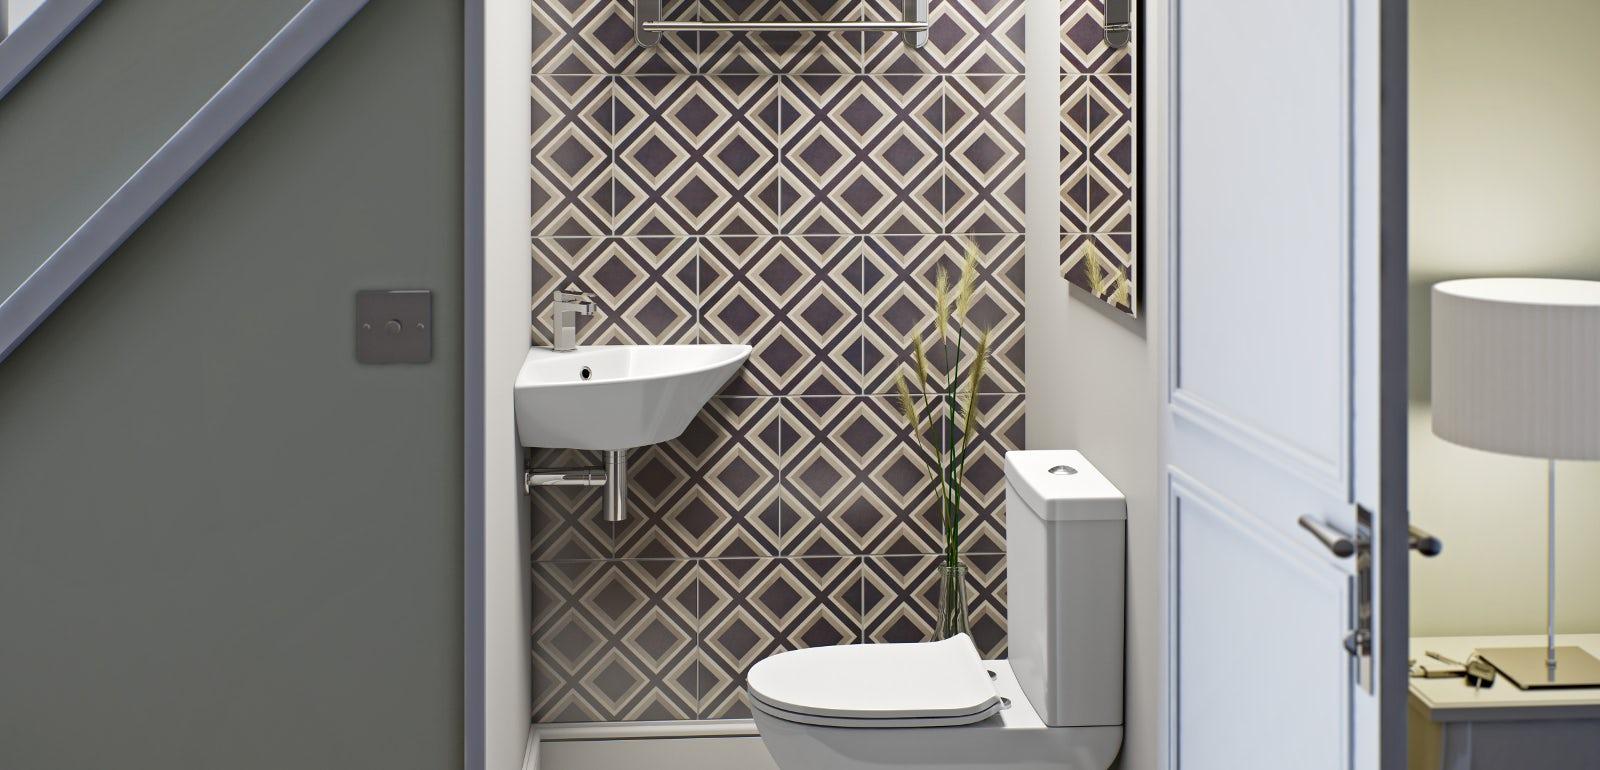 Cloakroom bathroom ideas - Planning A Cloakroom Bathroom